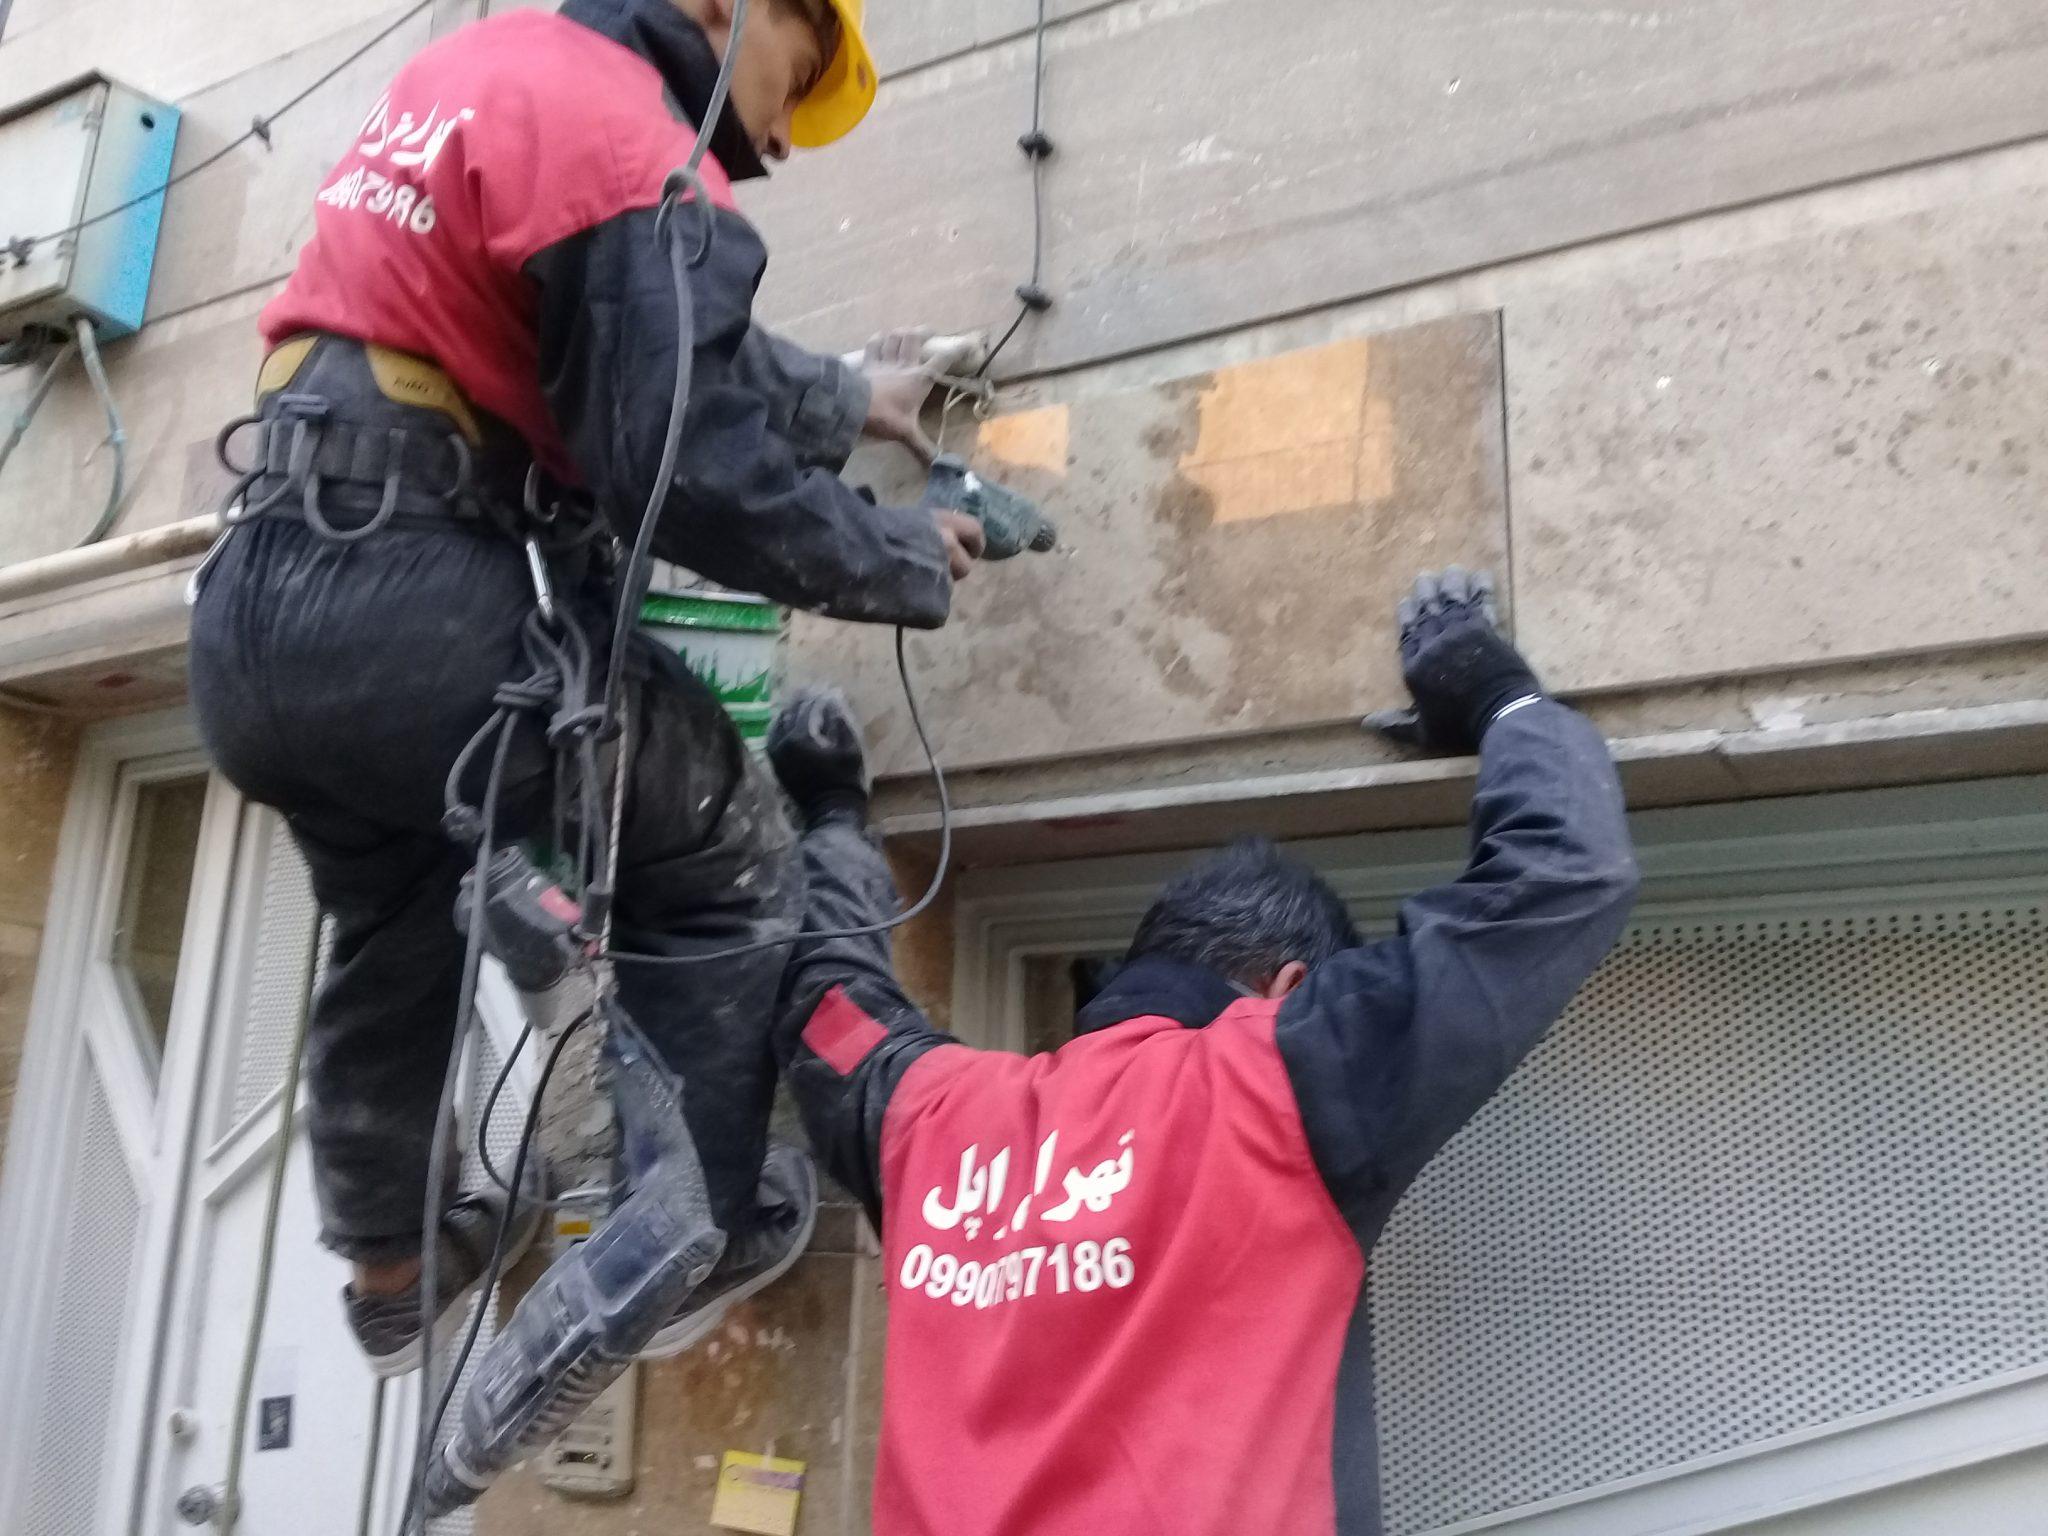 تهران راپل مجری پیچ و روپلاک نما در تهران و کرج است. در این مجموعه ما به ارائه انواع خدمات با طناب مشغول هستیم.